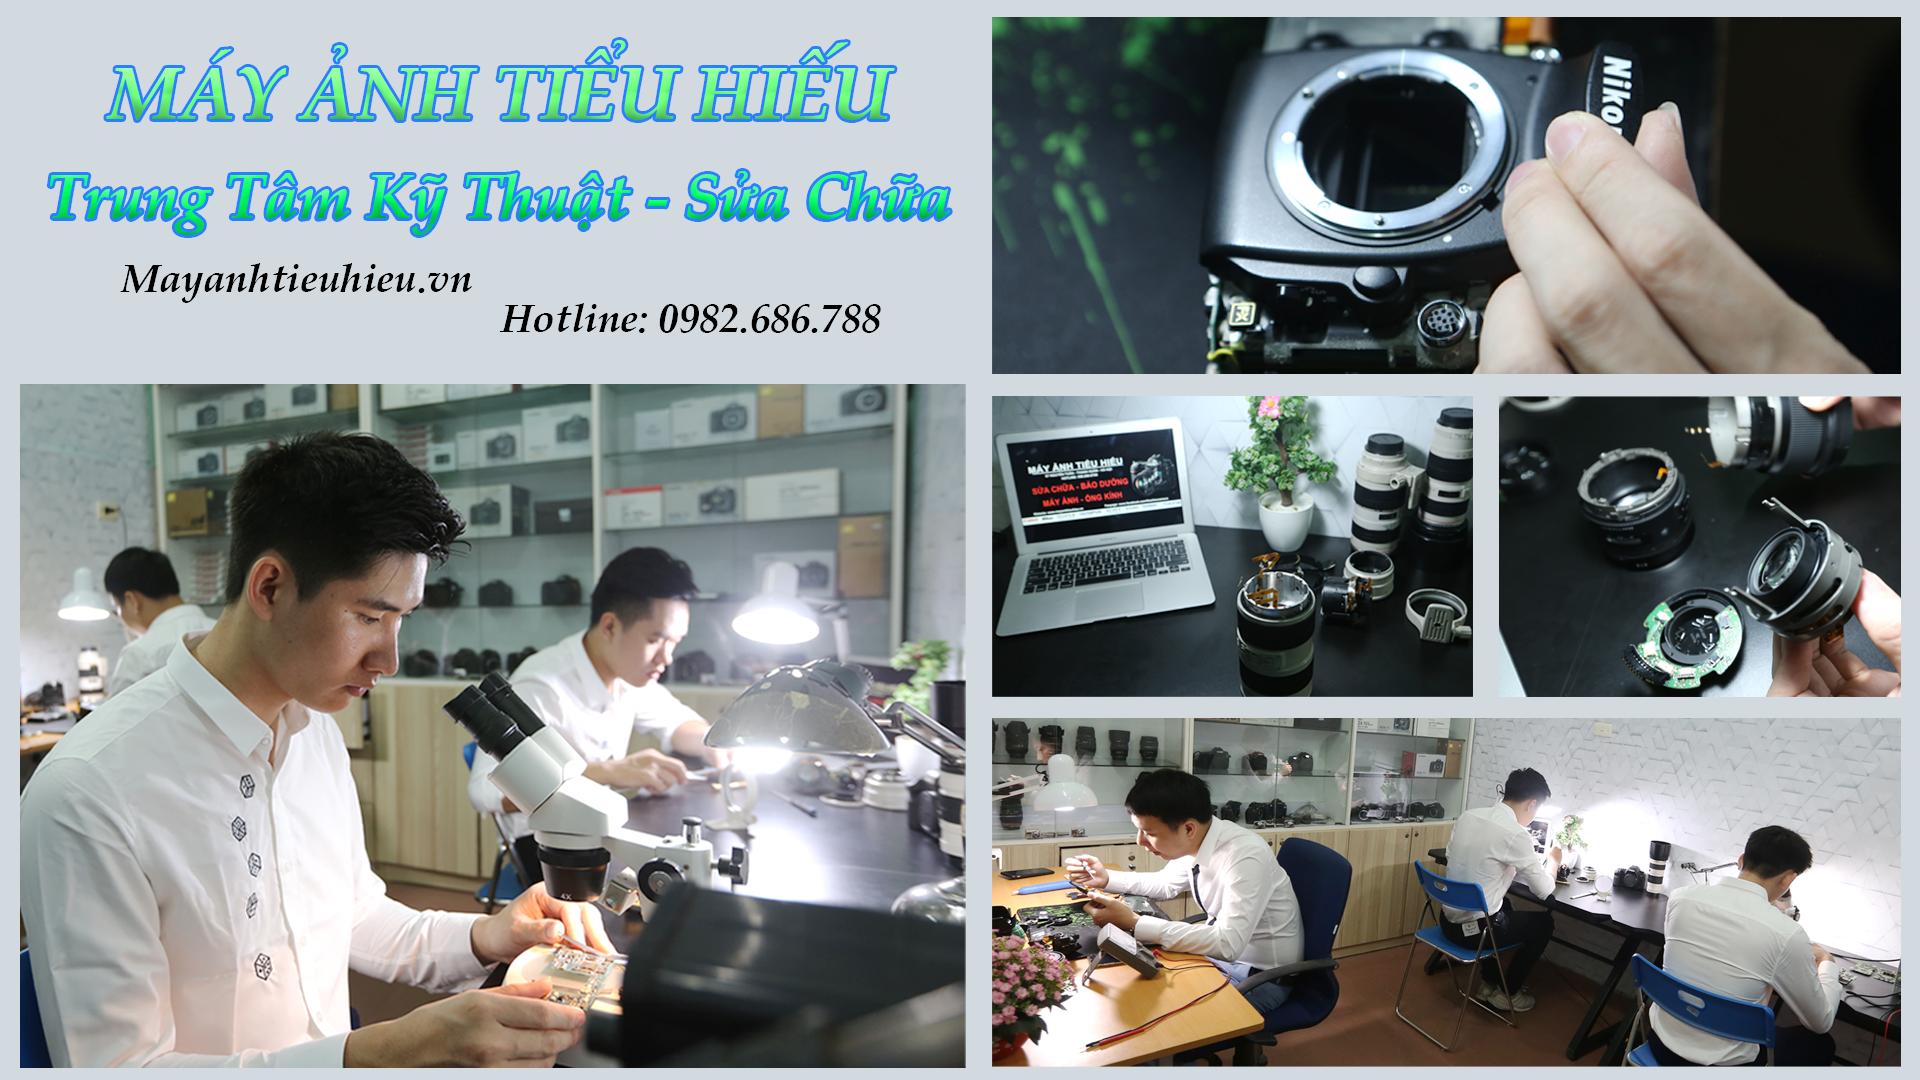 Dịch vụ sửa chữa - Bảo dưỡng máy ảnh, ống kính